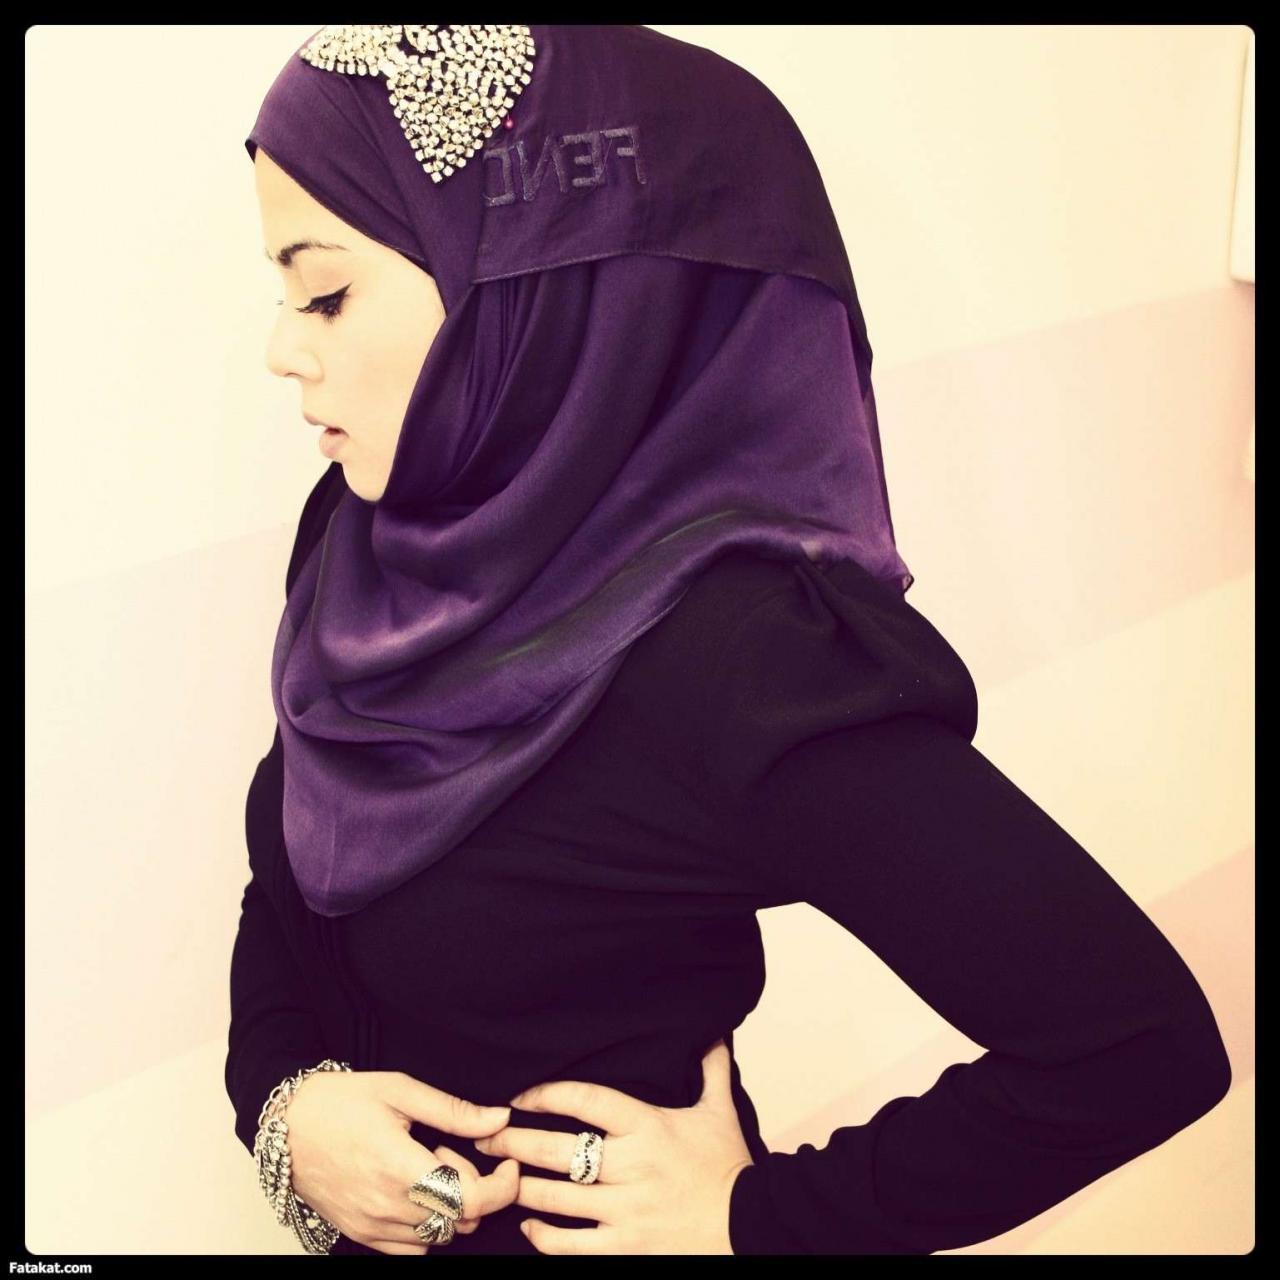 بالصور هل الحجاب فرض في الاسلام 20160716 880